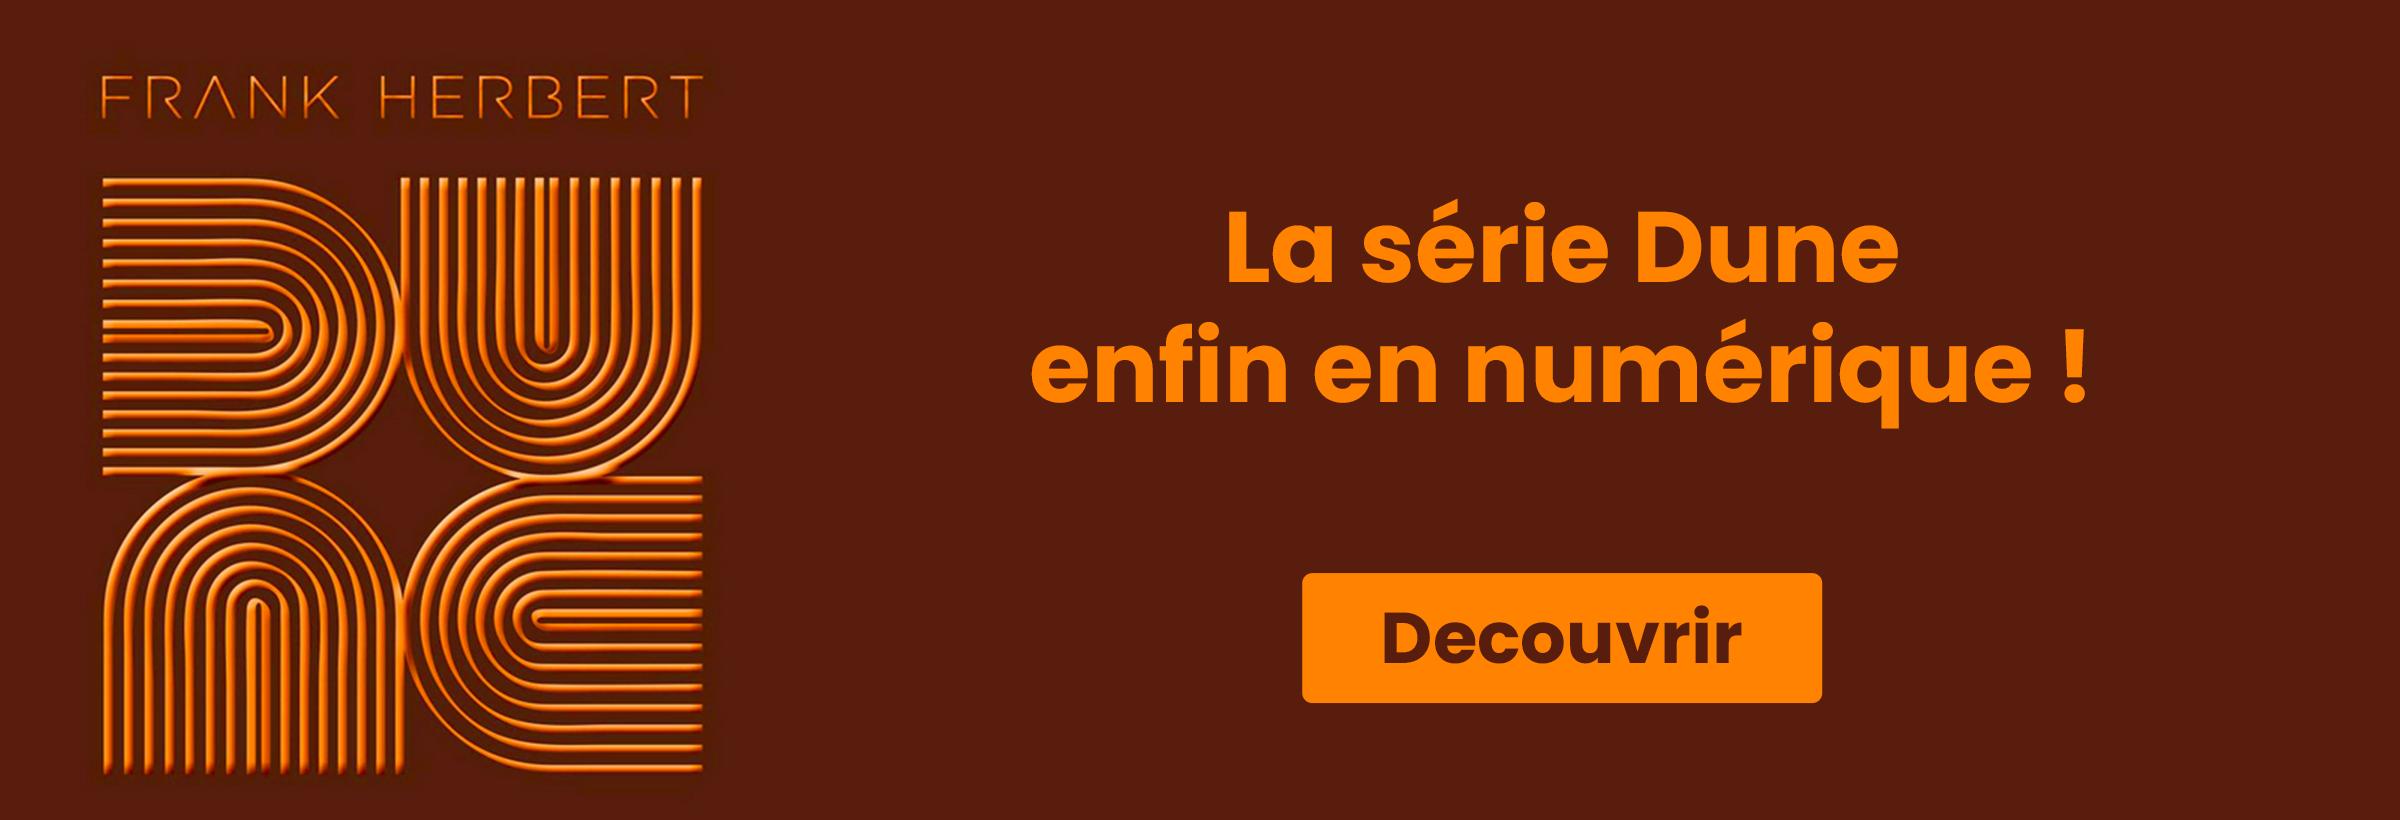 La série Dune enfin en numérique